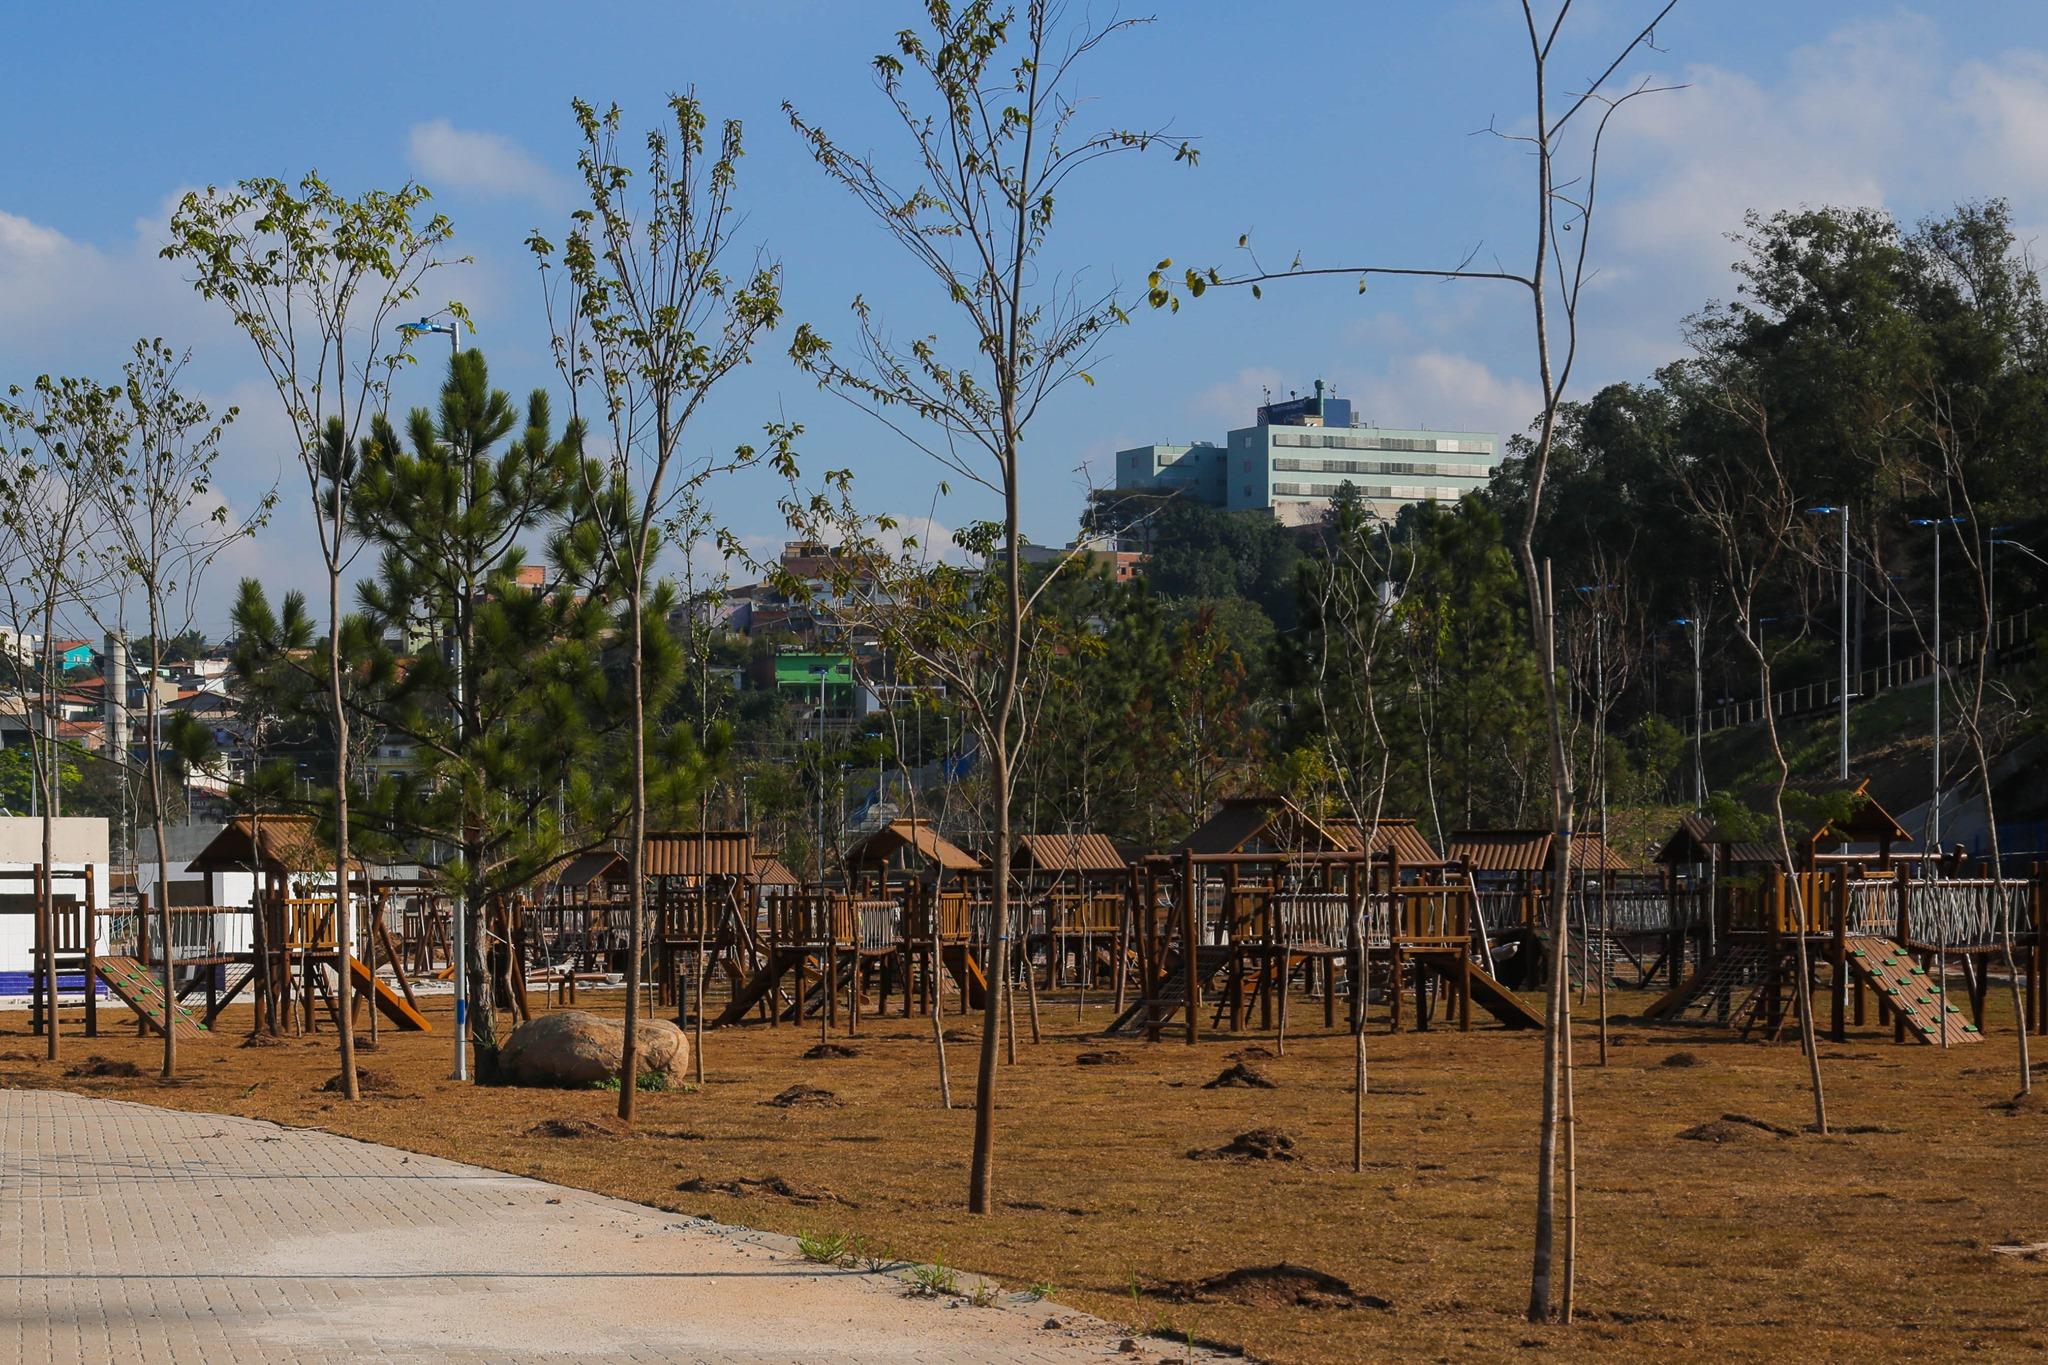 Parque Municipal de Itapevi